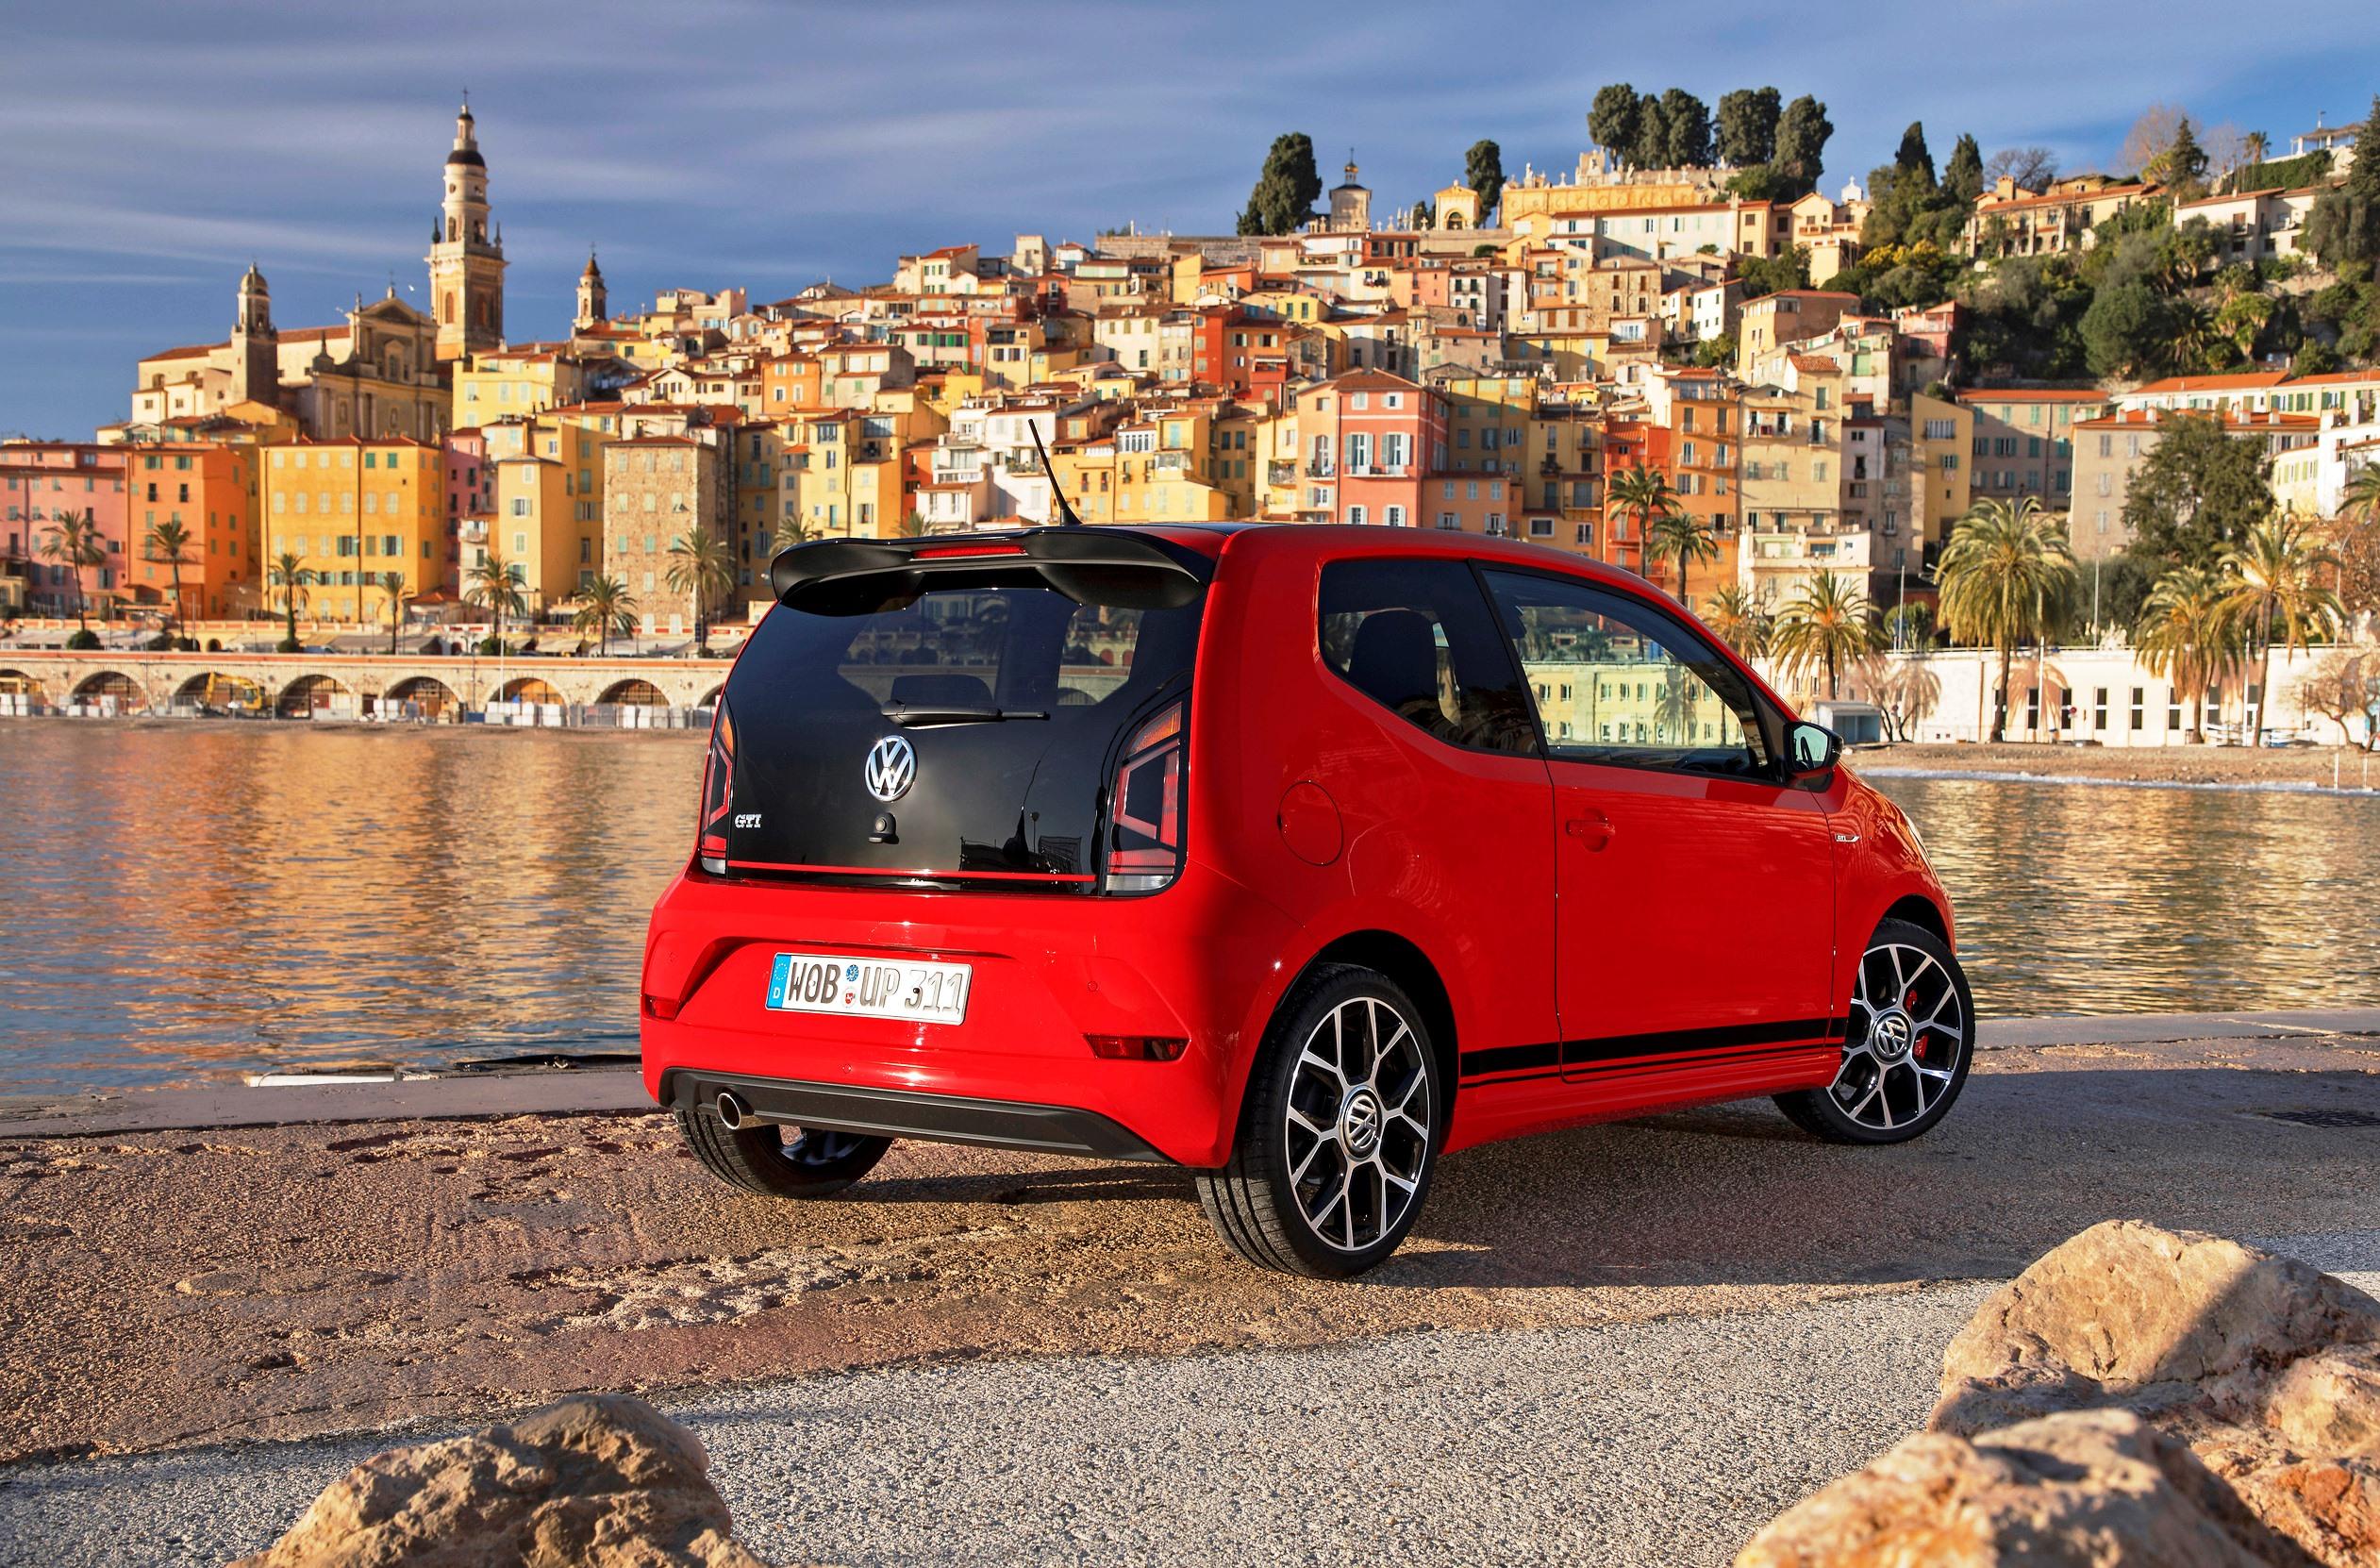 Der kleinste VW GTI lockt Autoeinsteiger mit einem günstigen Preis